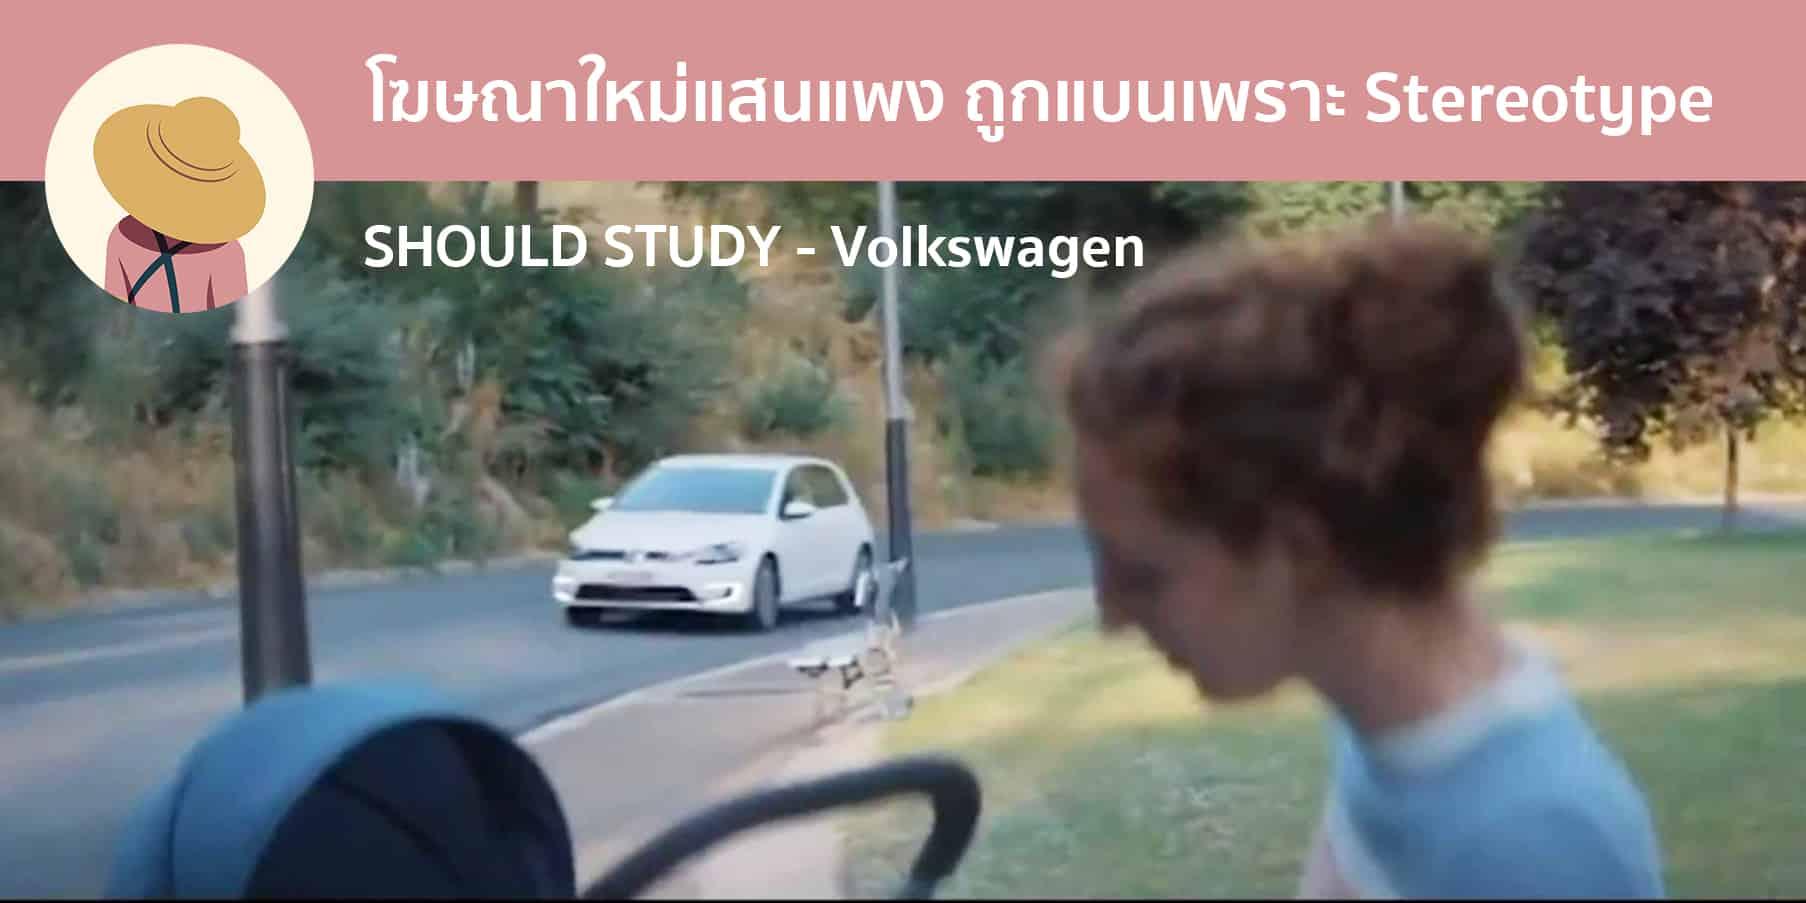 โฆษณารถยนต์ไฟฟ้าใหม่จาก Volkswagen ที่ถูกแบนเพราะ Gender Stereotypes